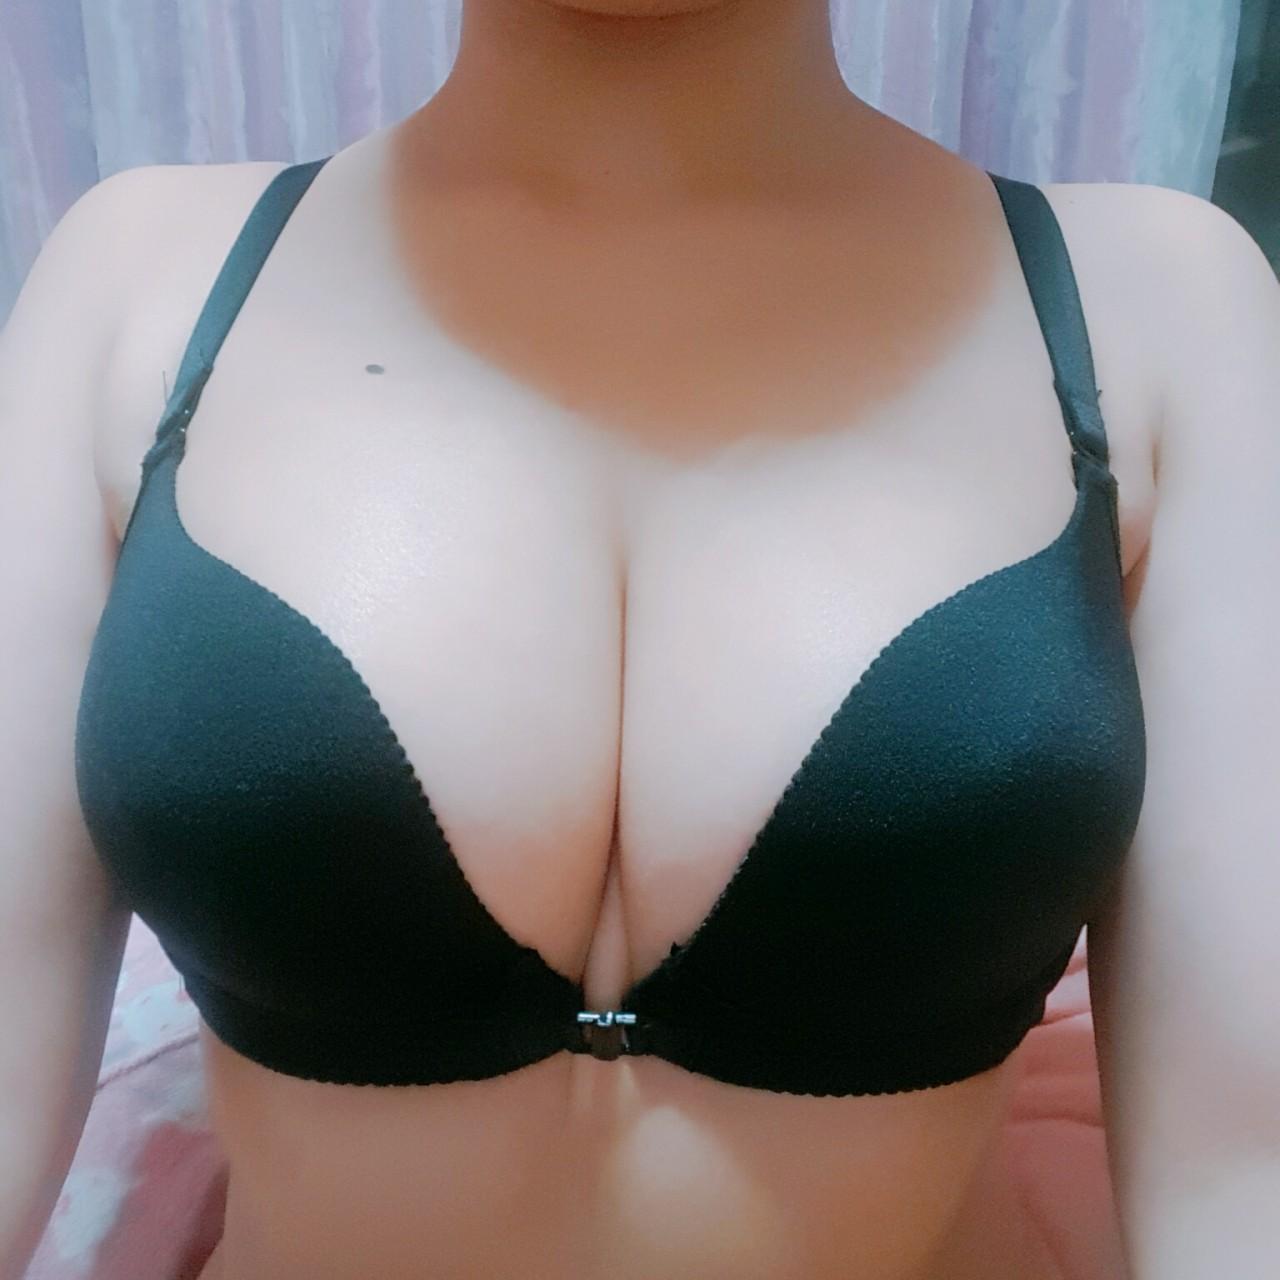 브라 후기 브라팬티 후기녀 모음 #브라팬티, #후기녀, #모음 브라팬티 후기 ...